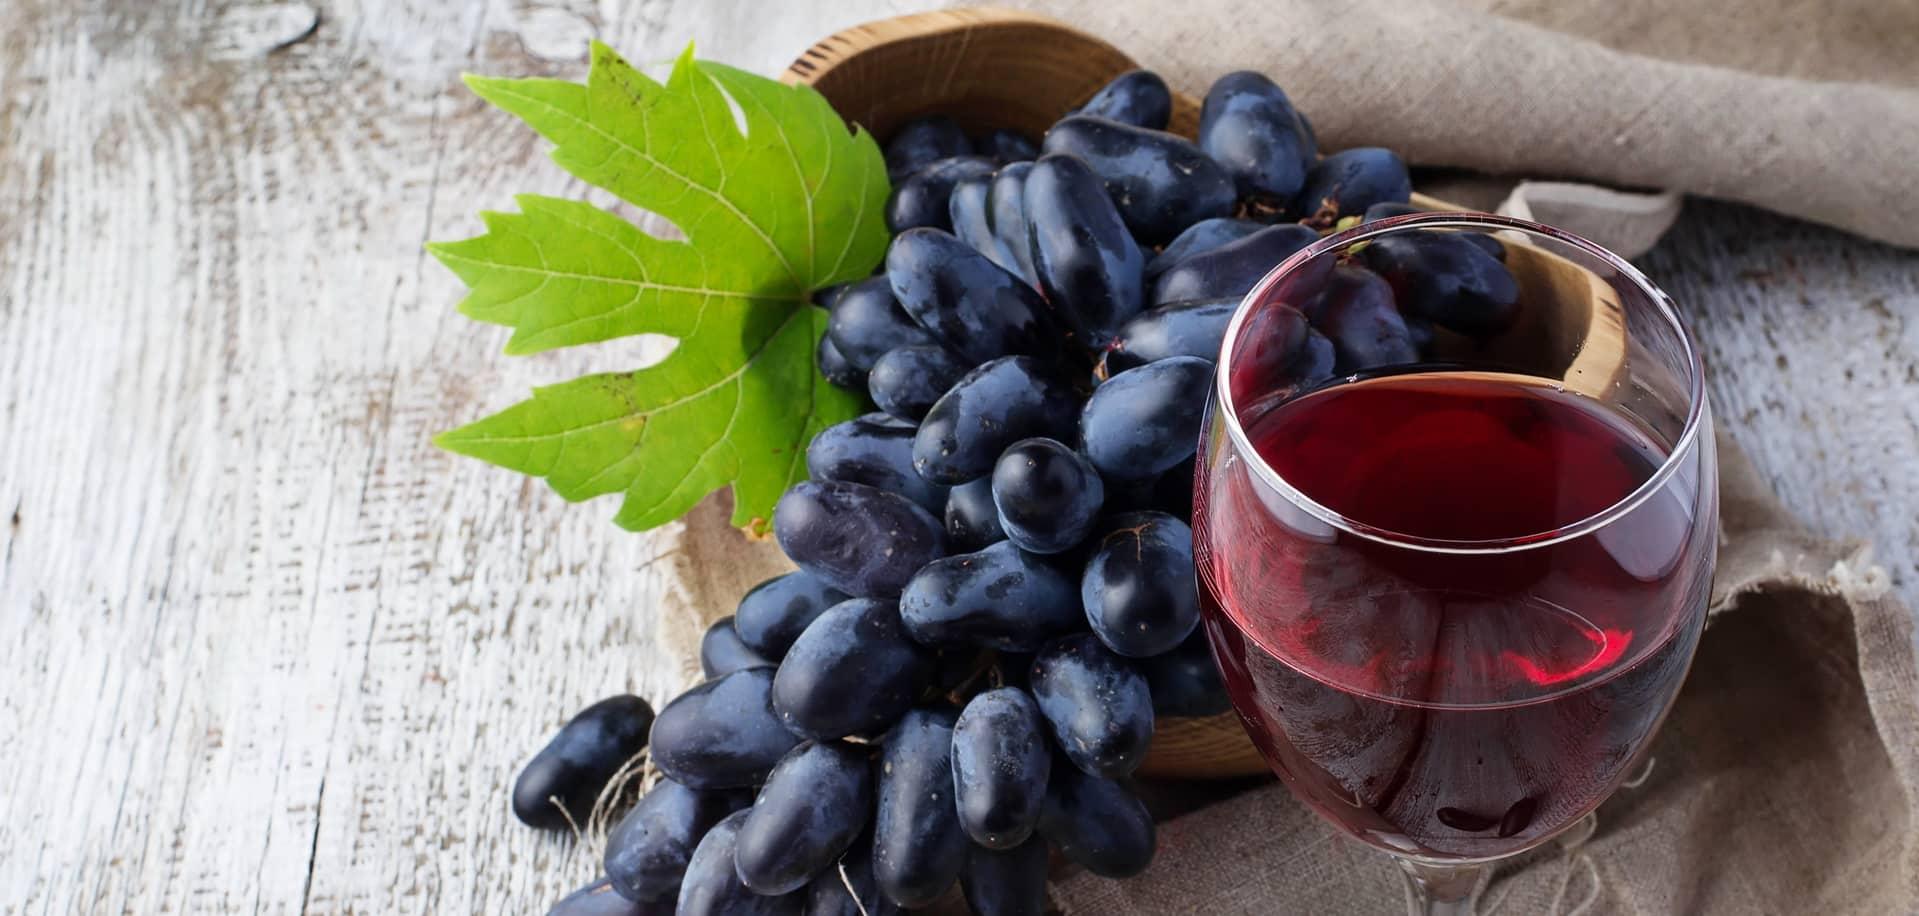 il vino rosso è un'importante fonte di flavonoidi e quindi catechine